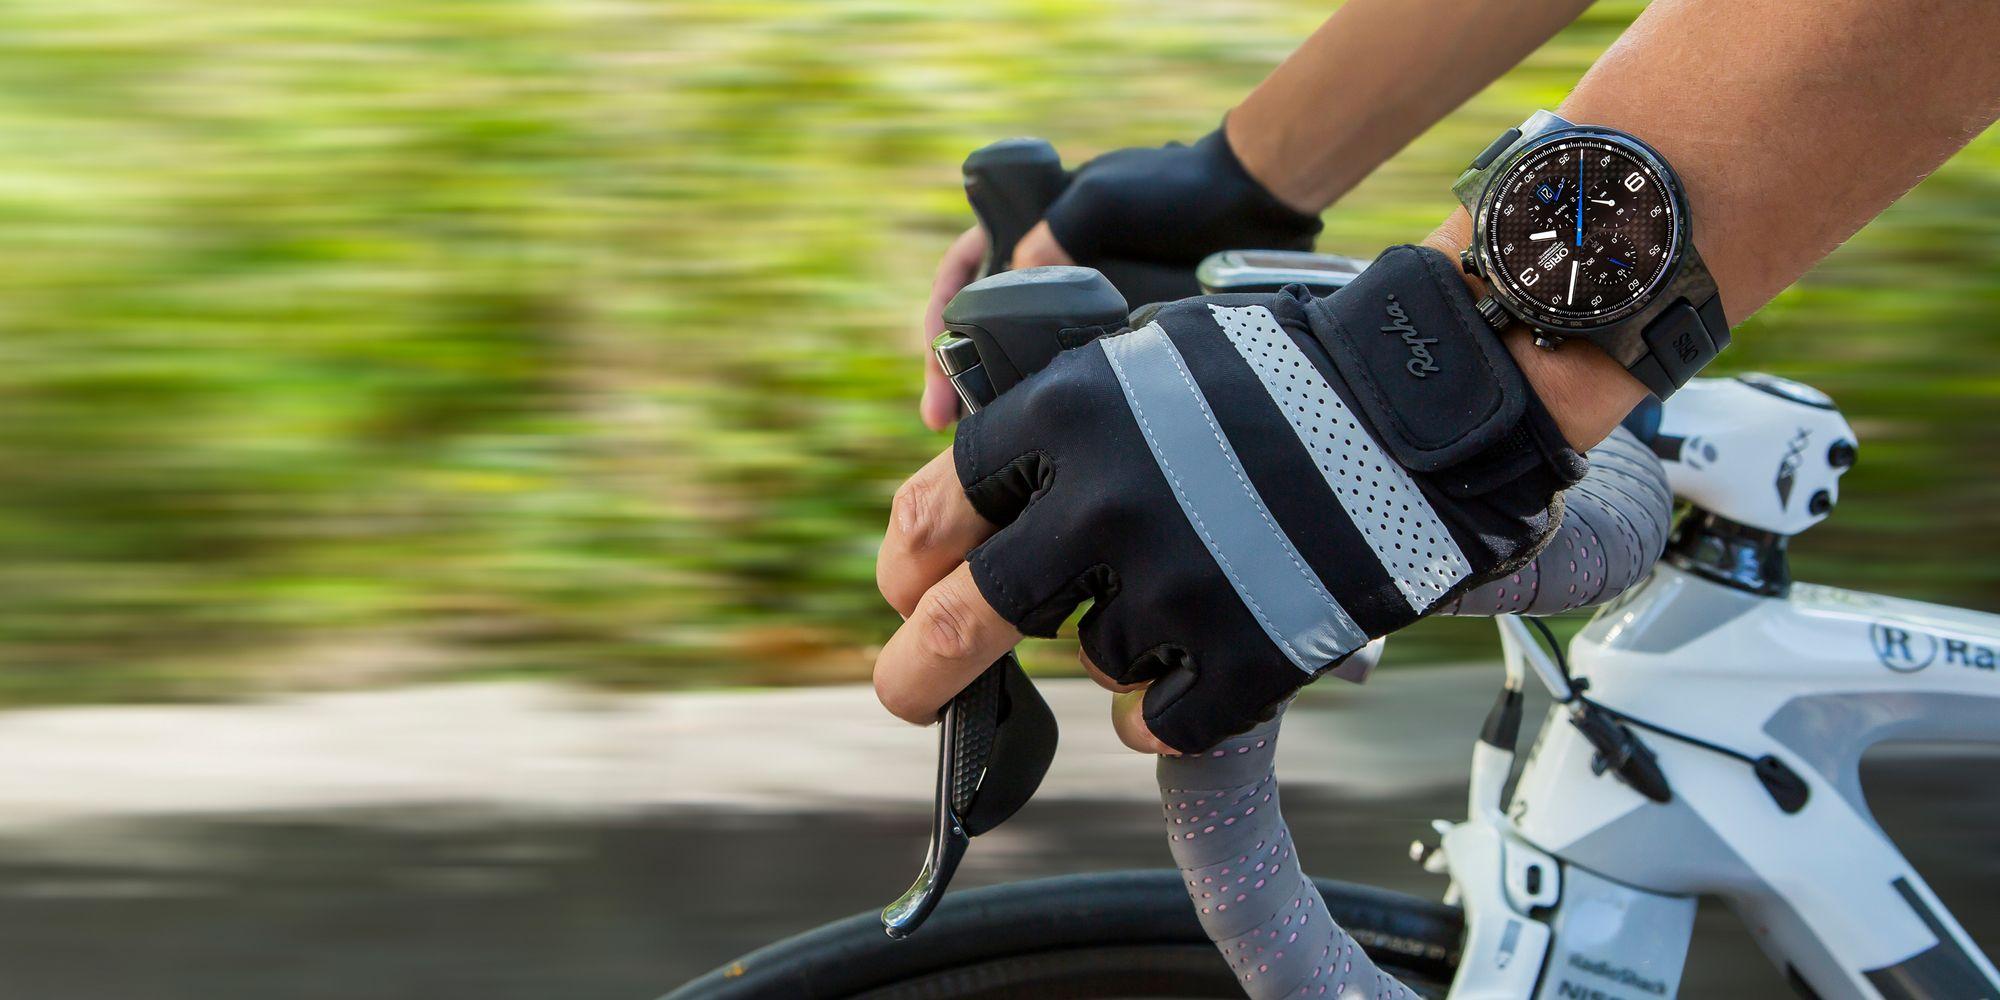 【實戴經驗談】Oris碳纖維計時碼錶:一位單車騎士的玩錶品味